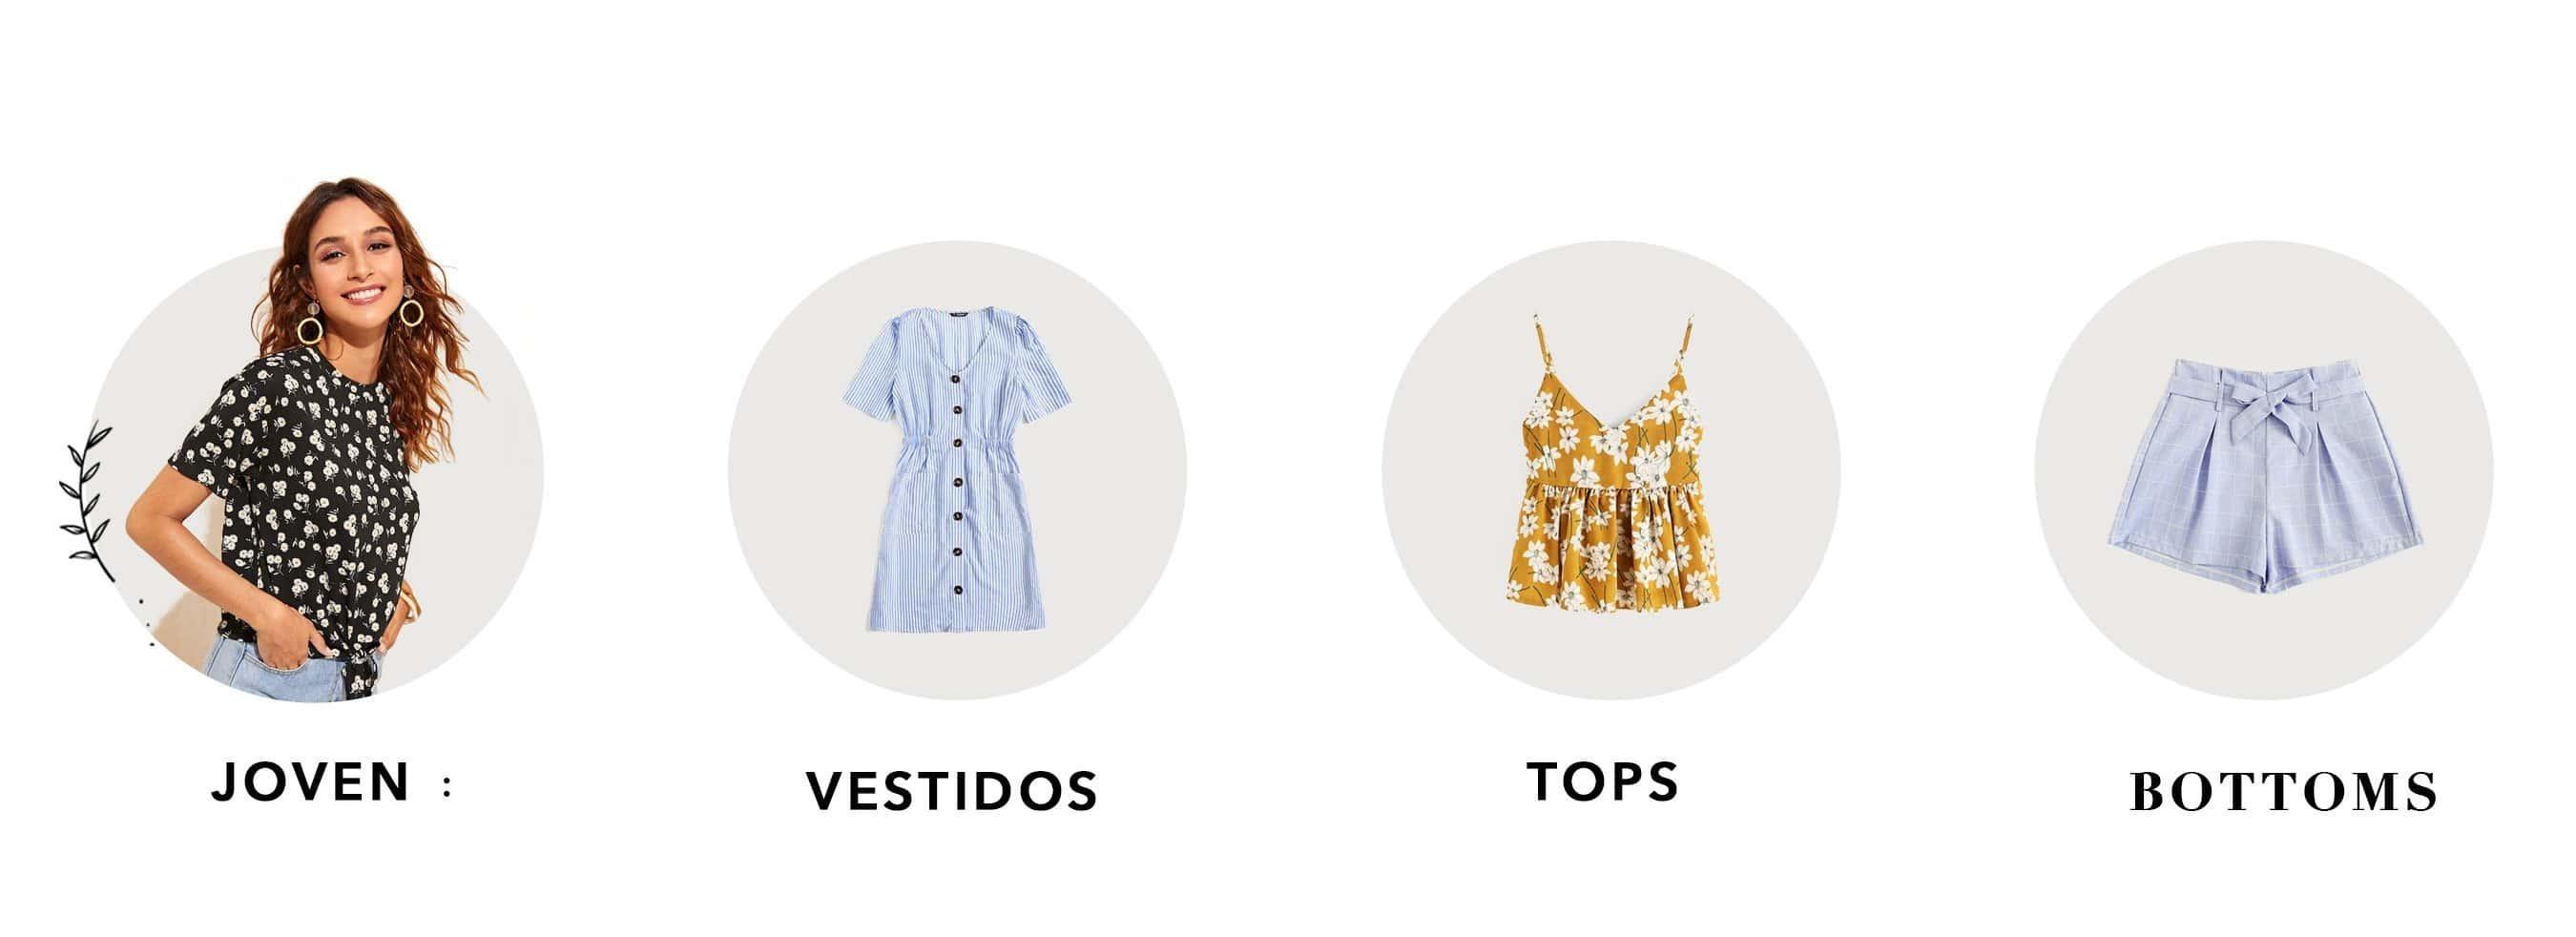 d3533d1cd8 Ropa y moda de Mujer al mejor precio online